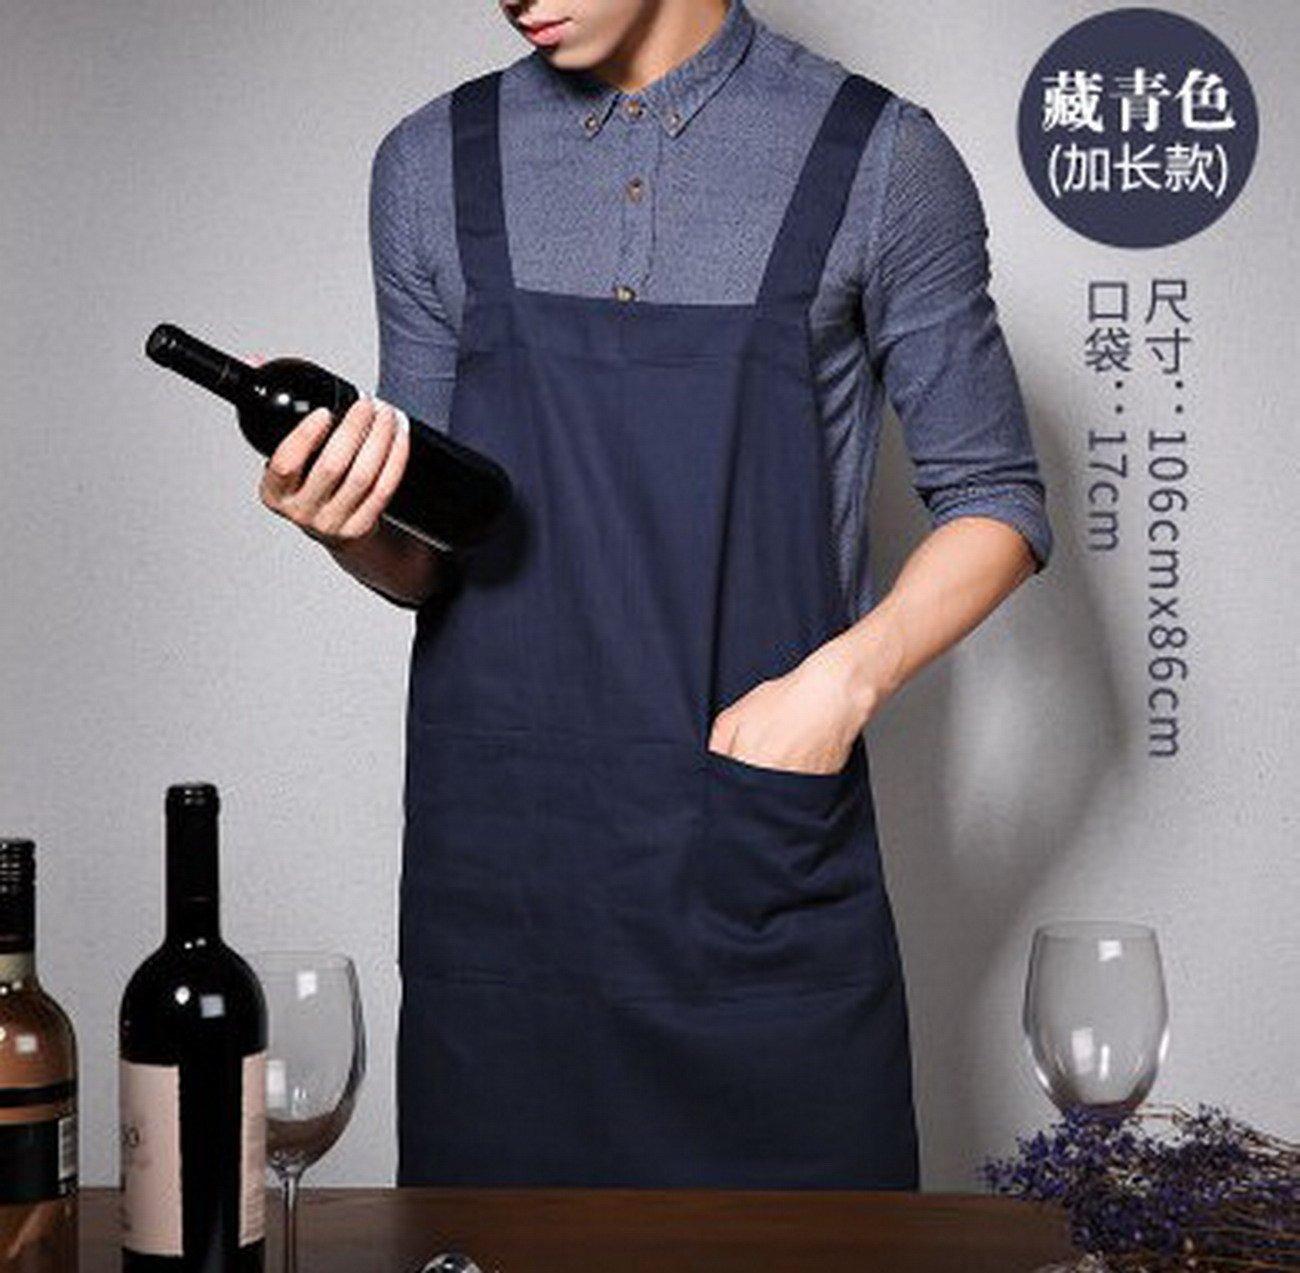 Geranjie韓国ファッションエプロンカフェミルクティーメンズ、レディース、キッチンコットンオーバーオール   B078RHMMJJ